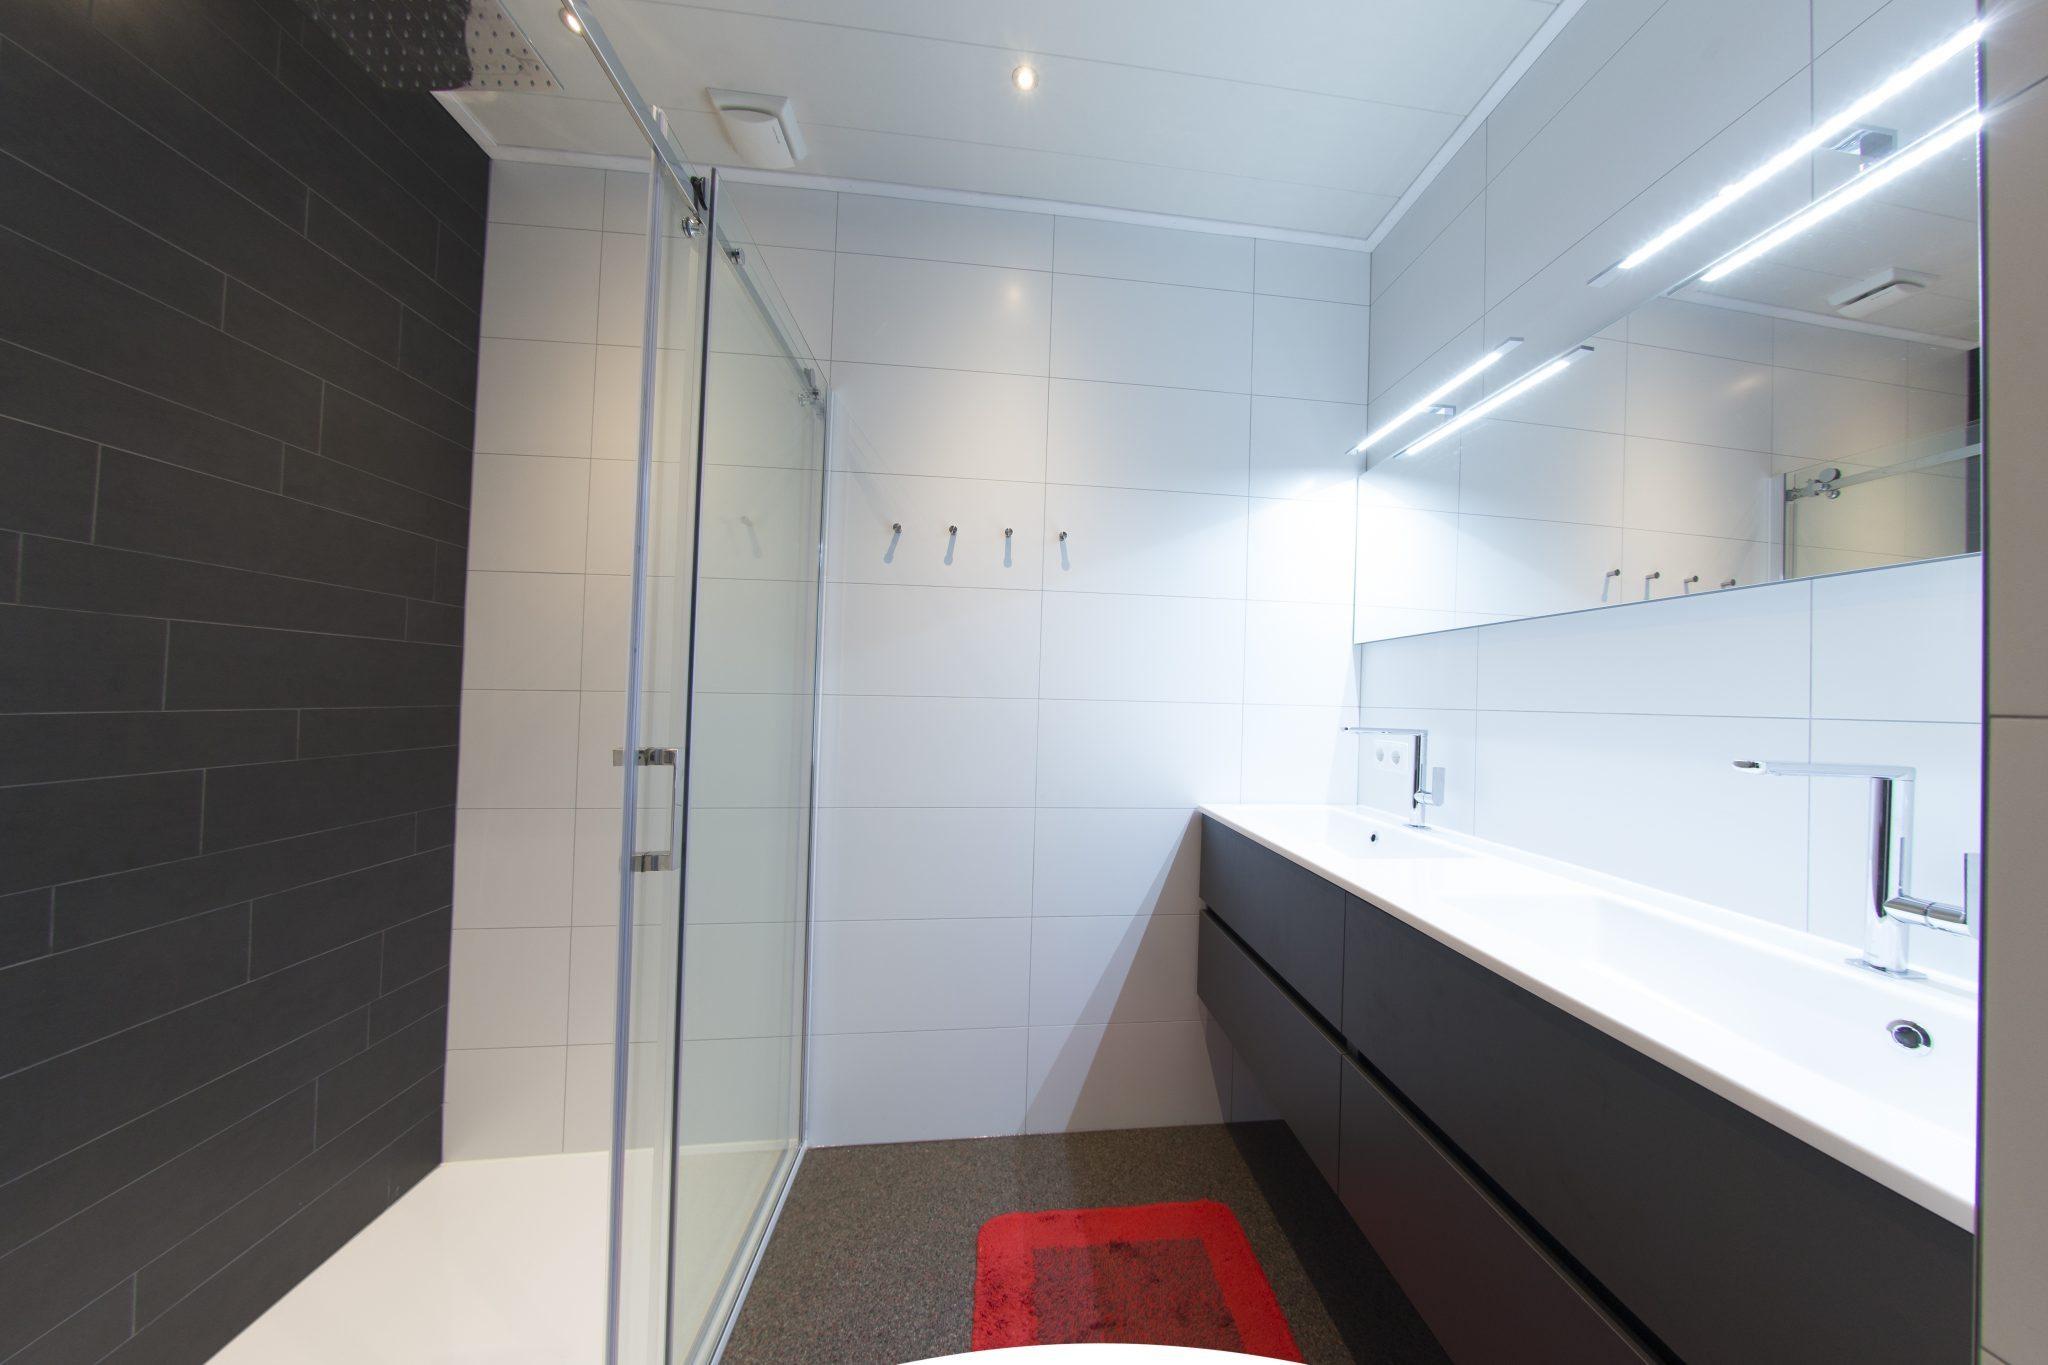 Complete badkamer - Maak uw droombadkamer compleet!